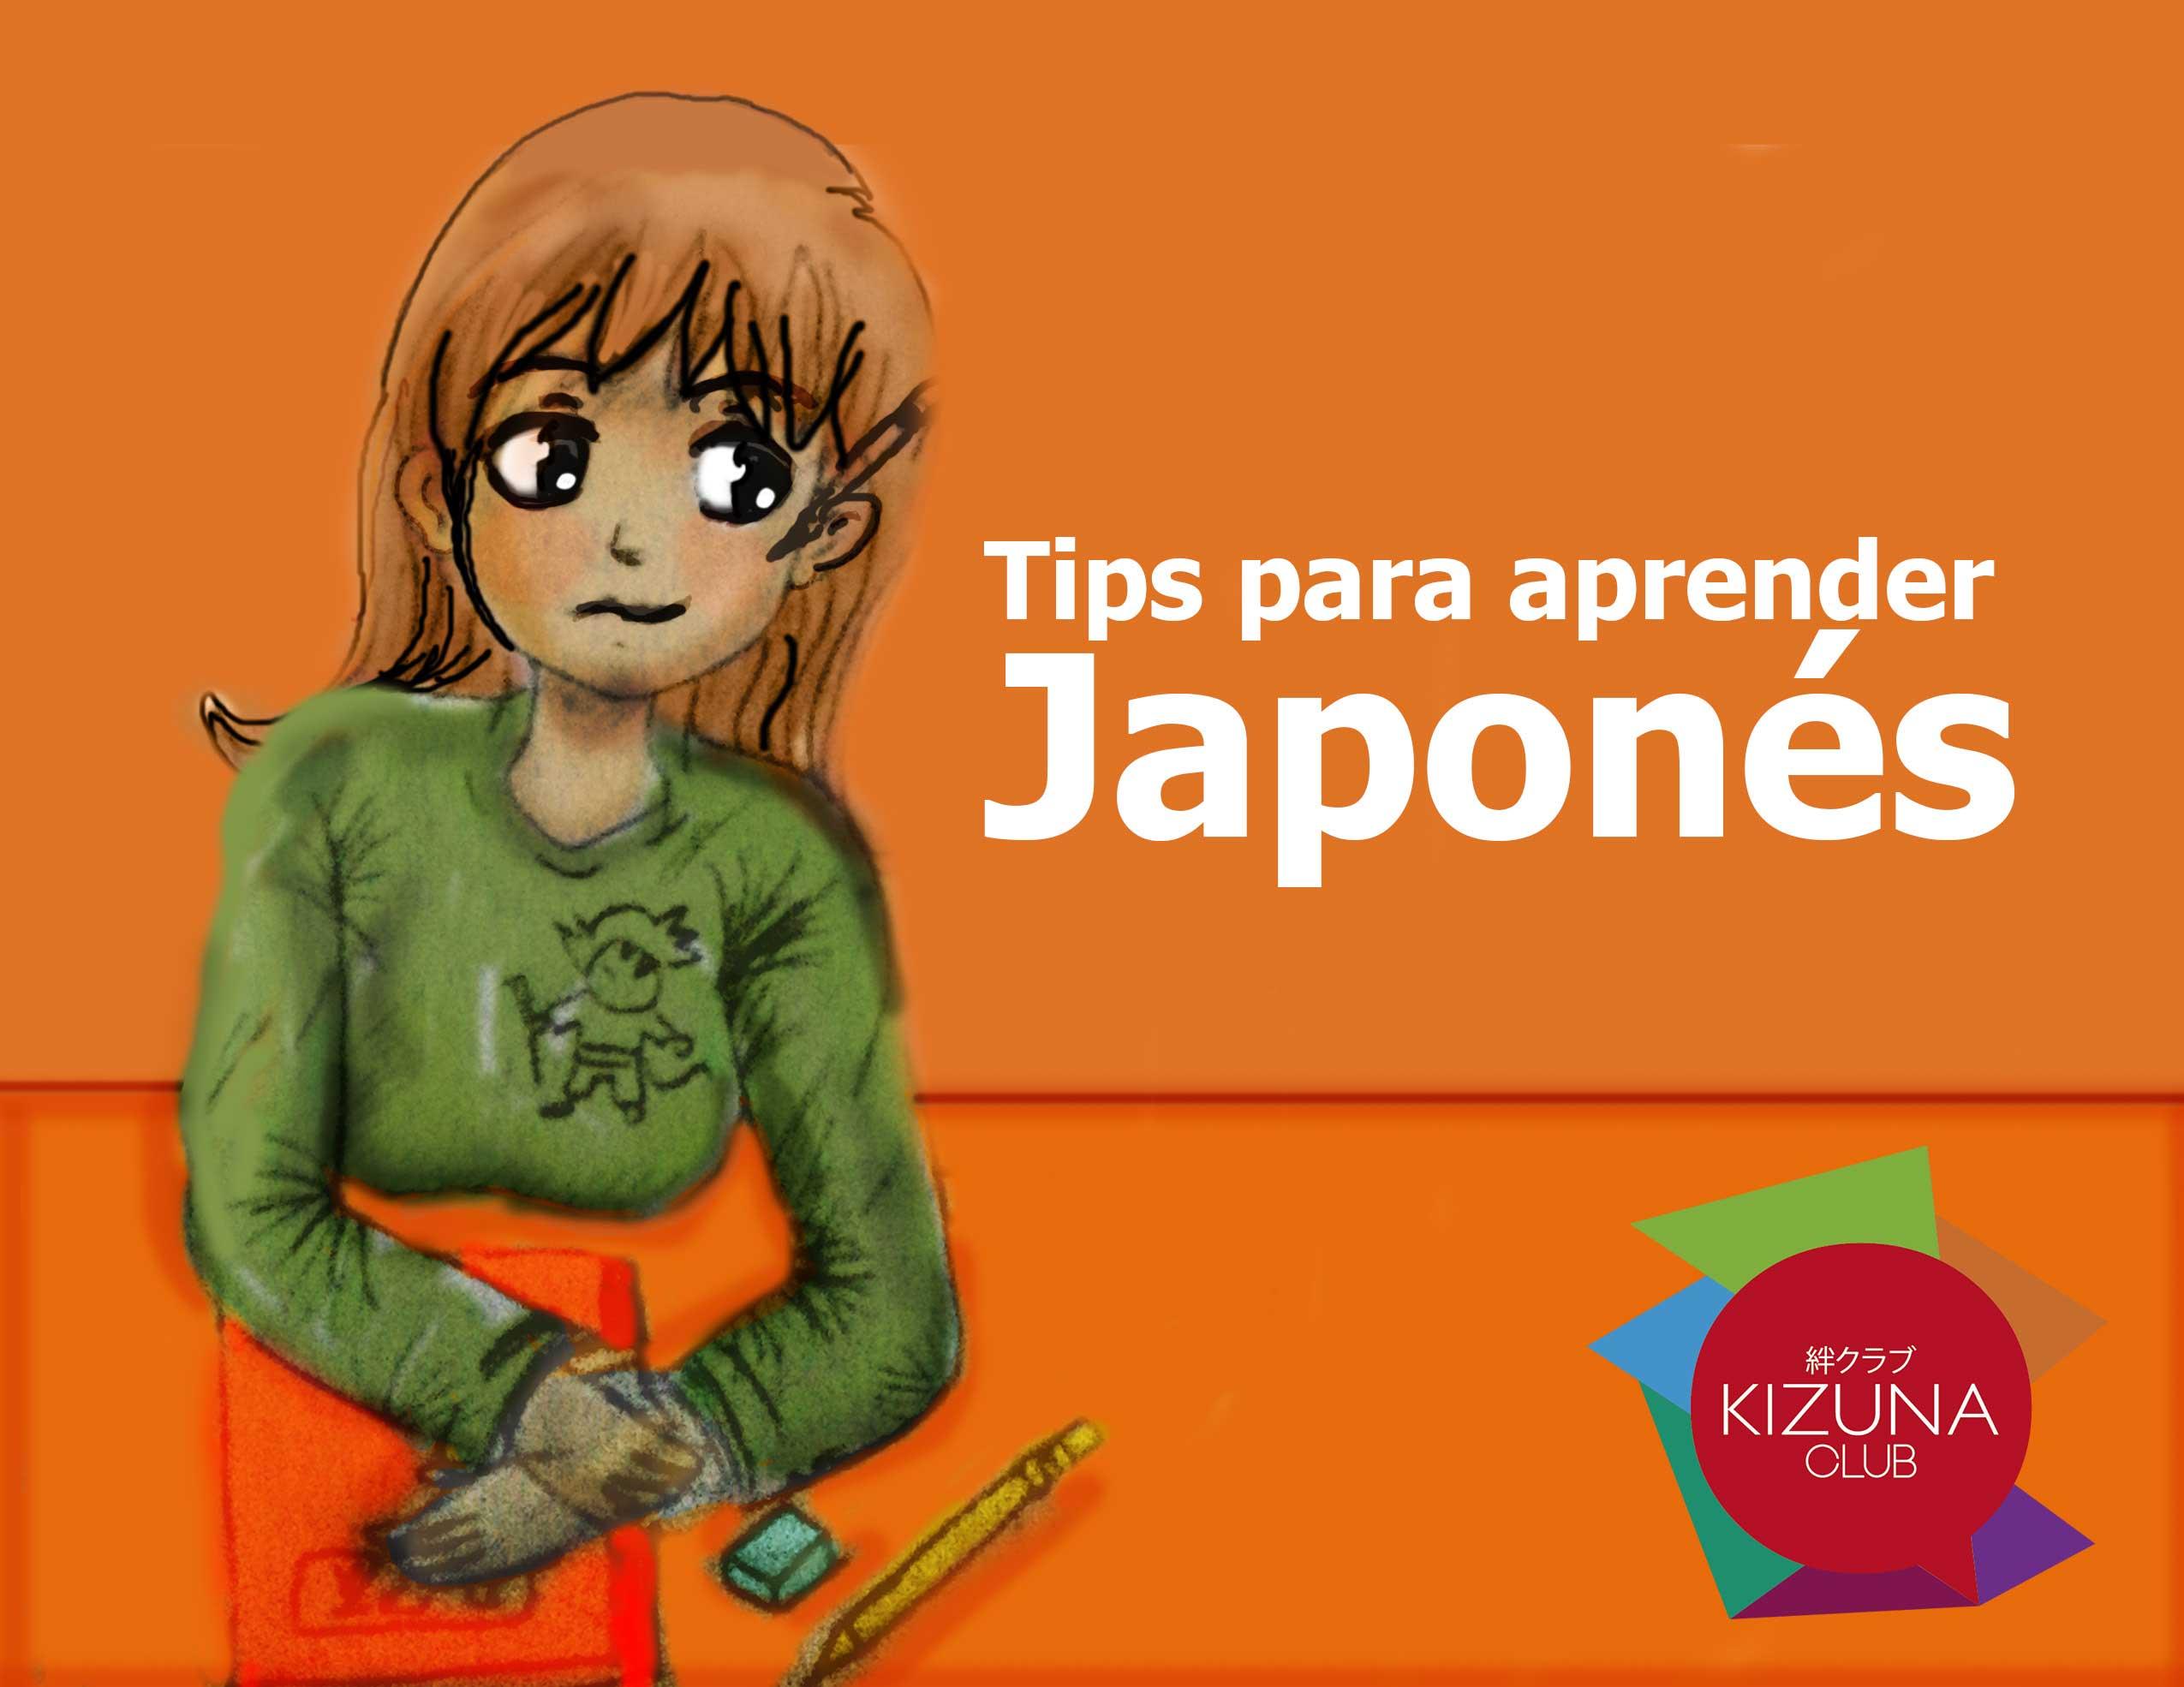 5 Tips para empezar a aprender japonés por tu cuenta